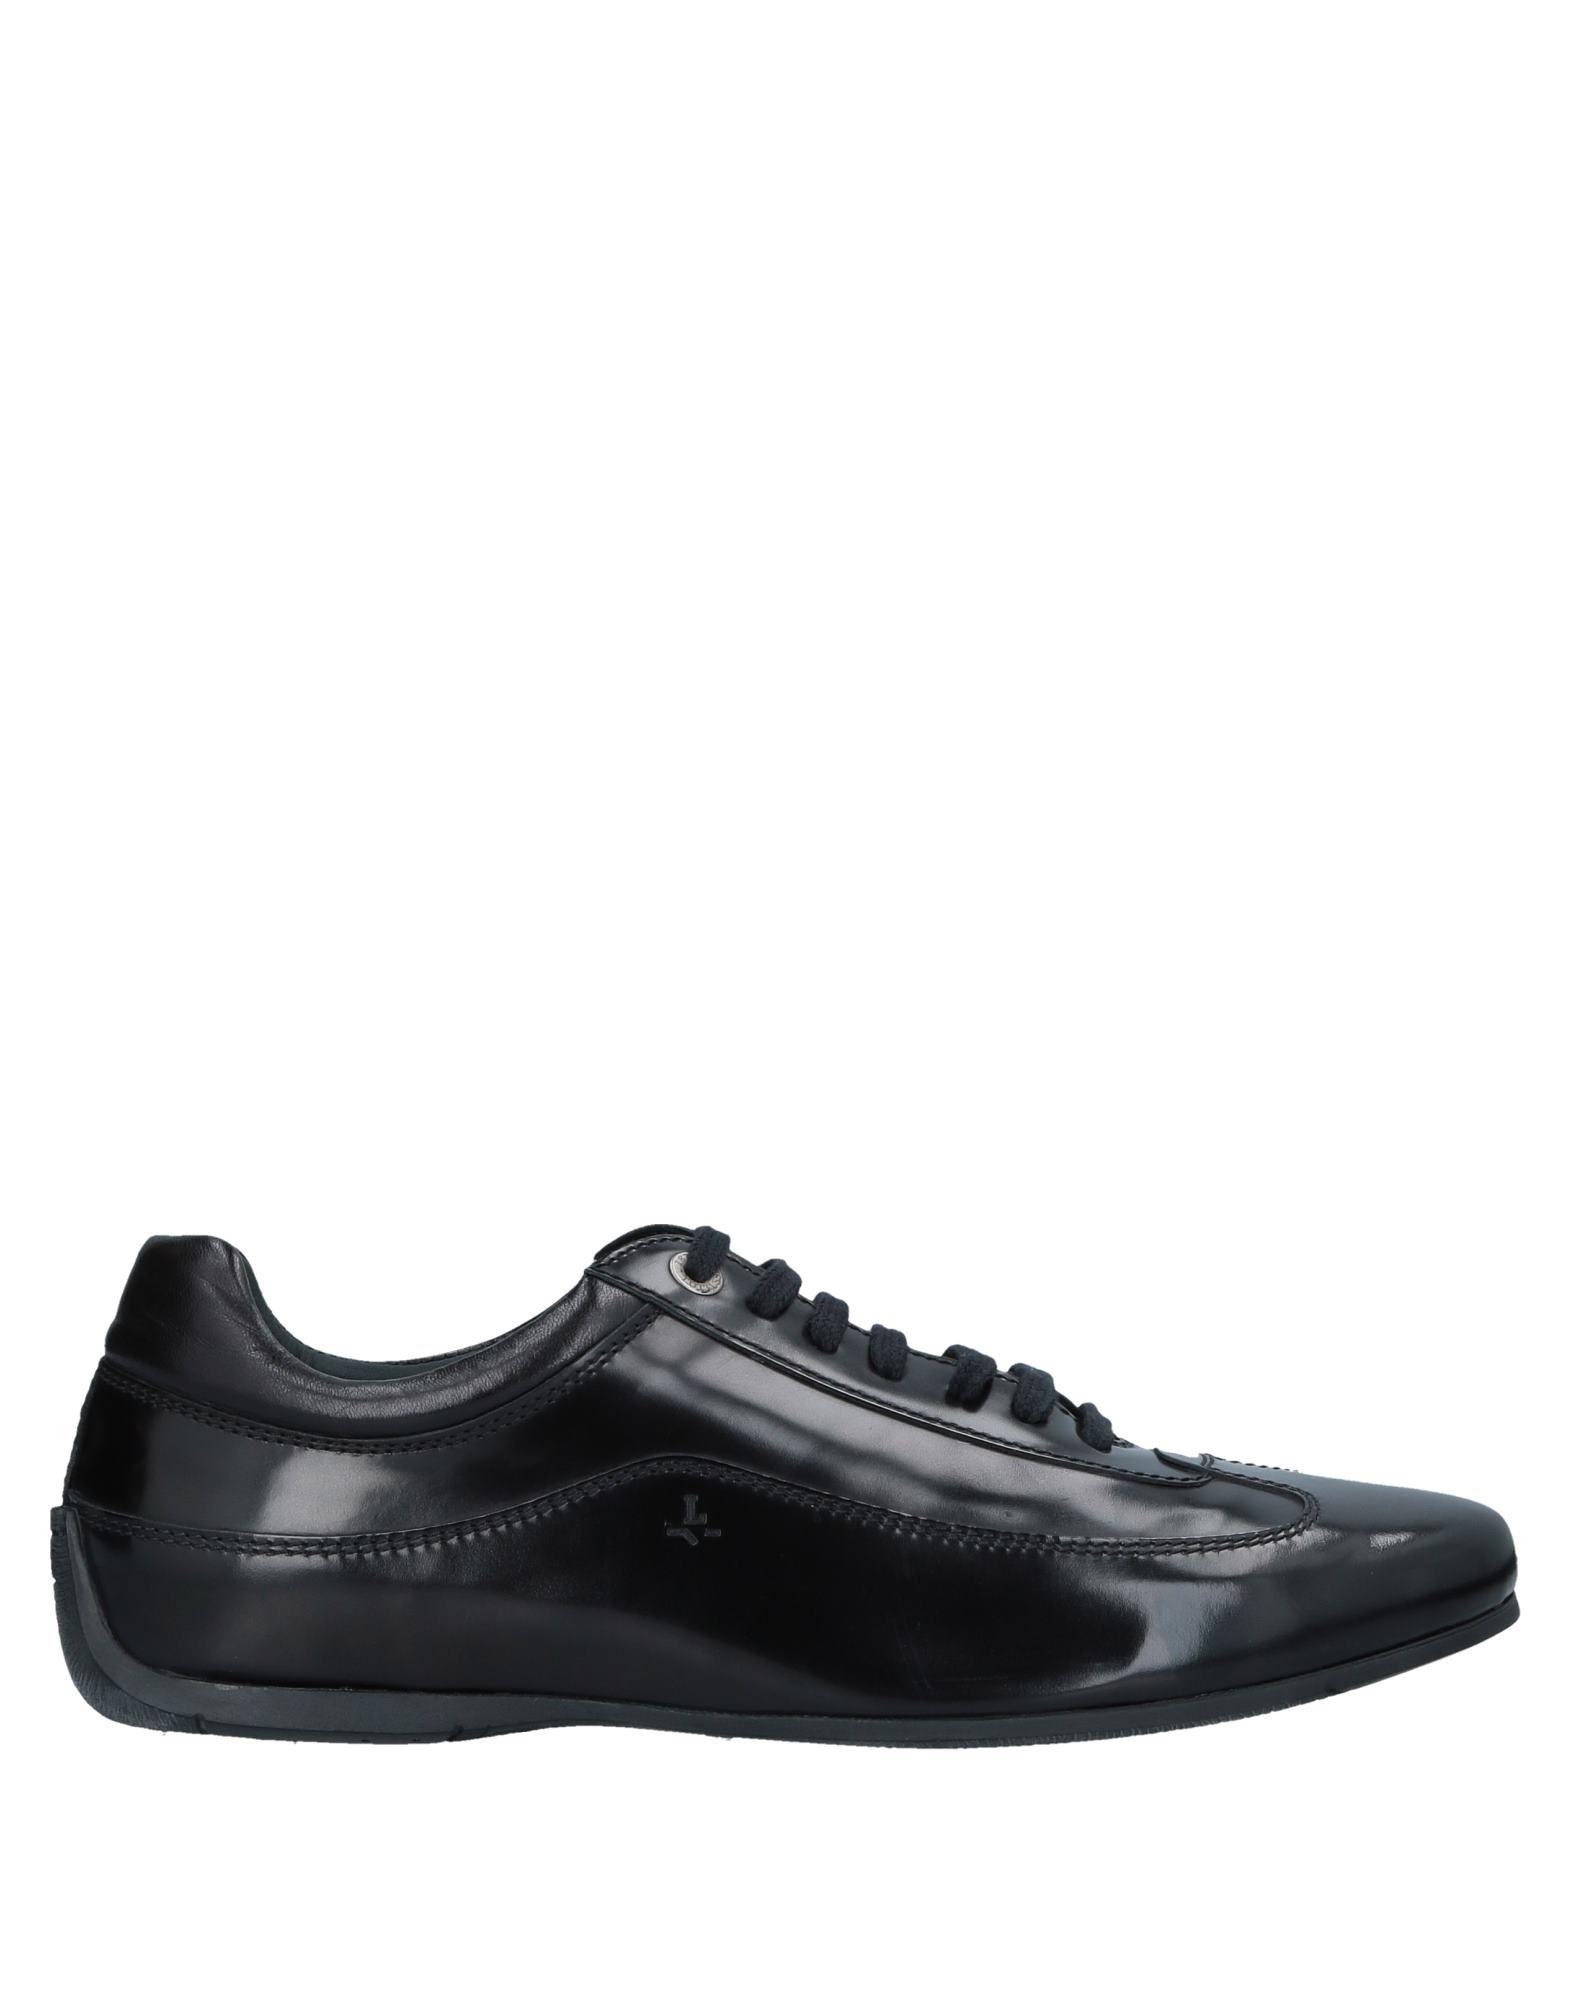 Lottusse Sneakers Herren  11521498BN Gute Qualität beliebte Schuhe